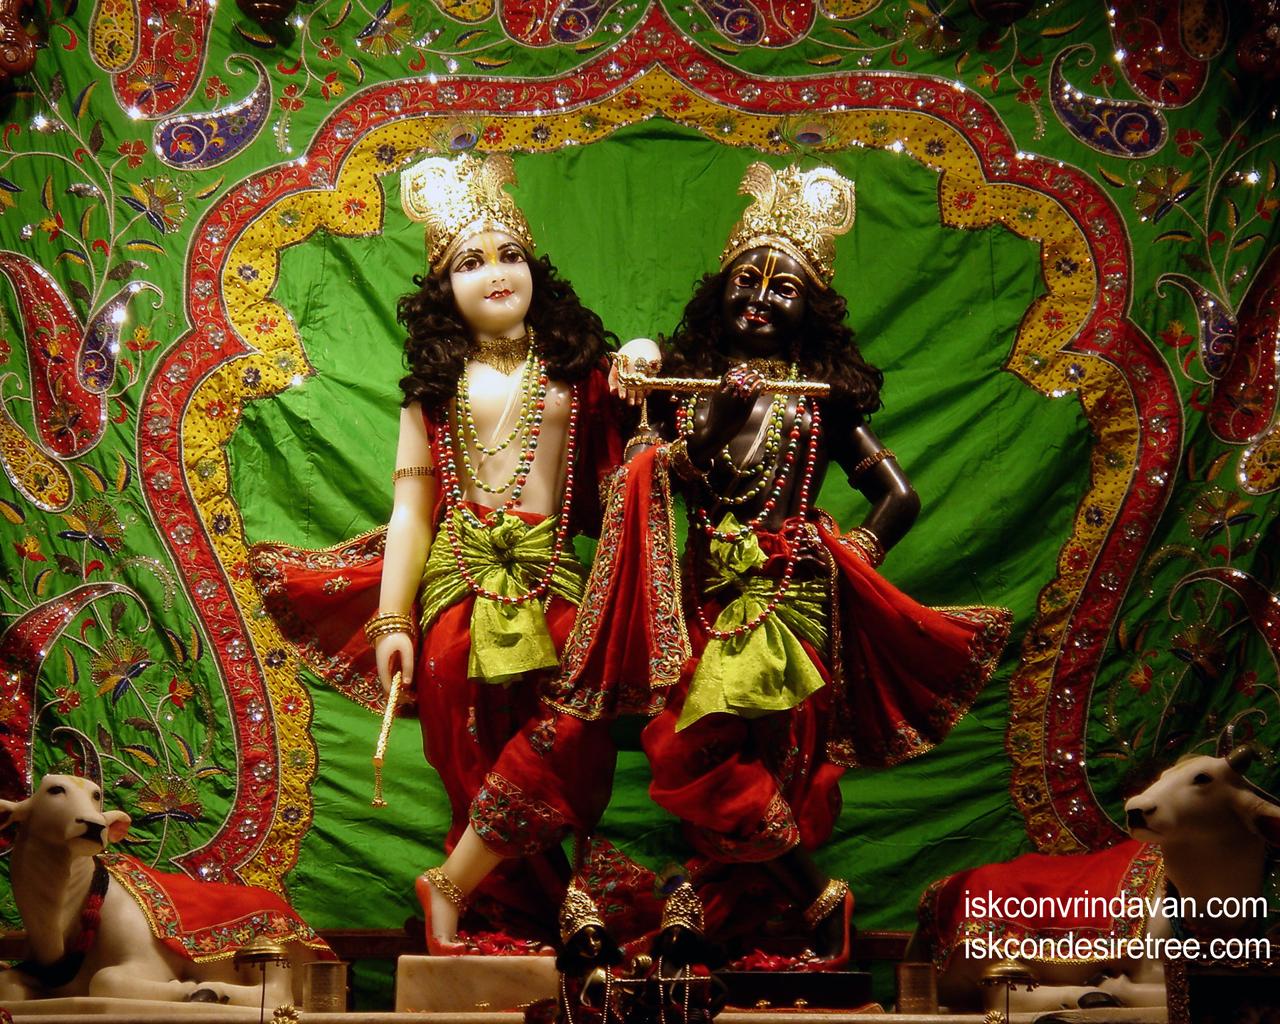 Sri Sri Krishna Balaram Wallpaper (066) Size 1280x1024 Download